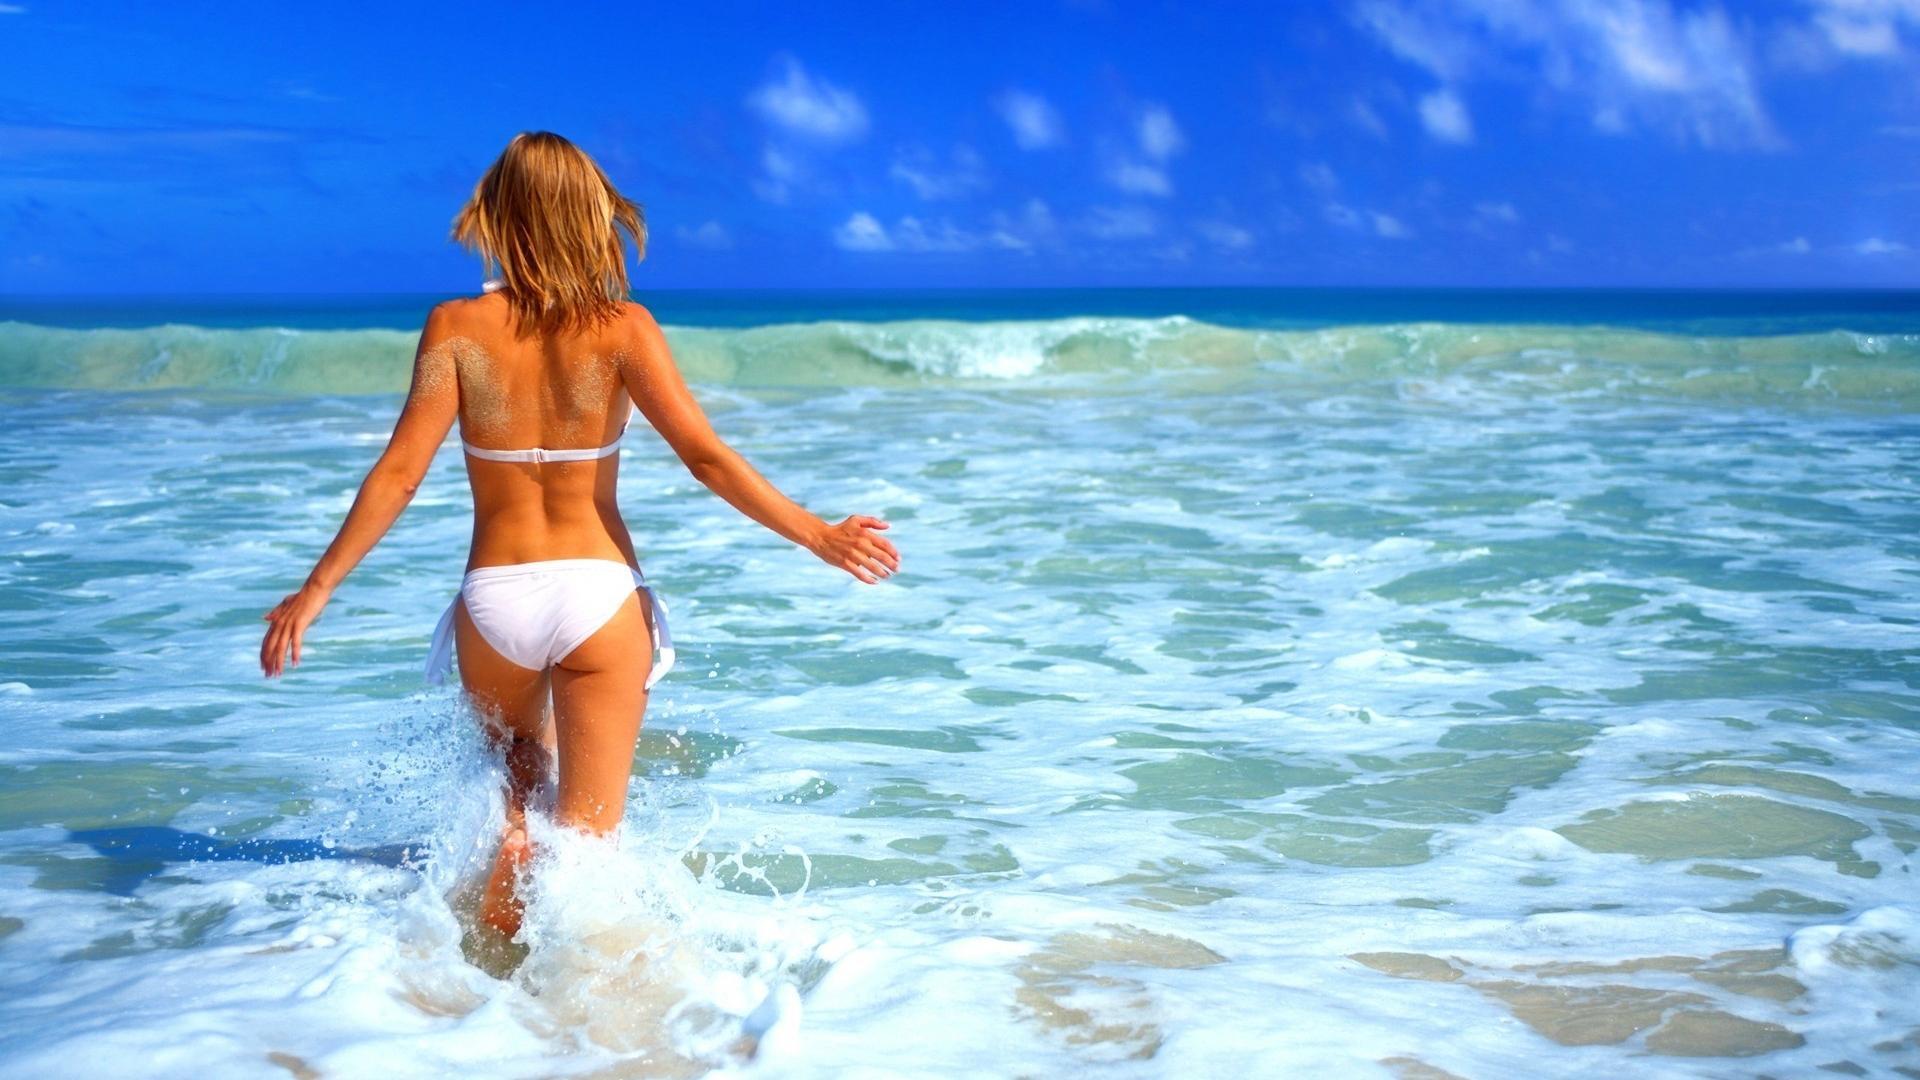 Танины каникулы смотреть онлайн 23 фотография